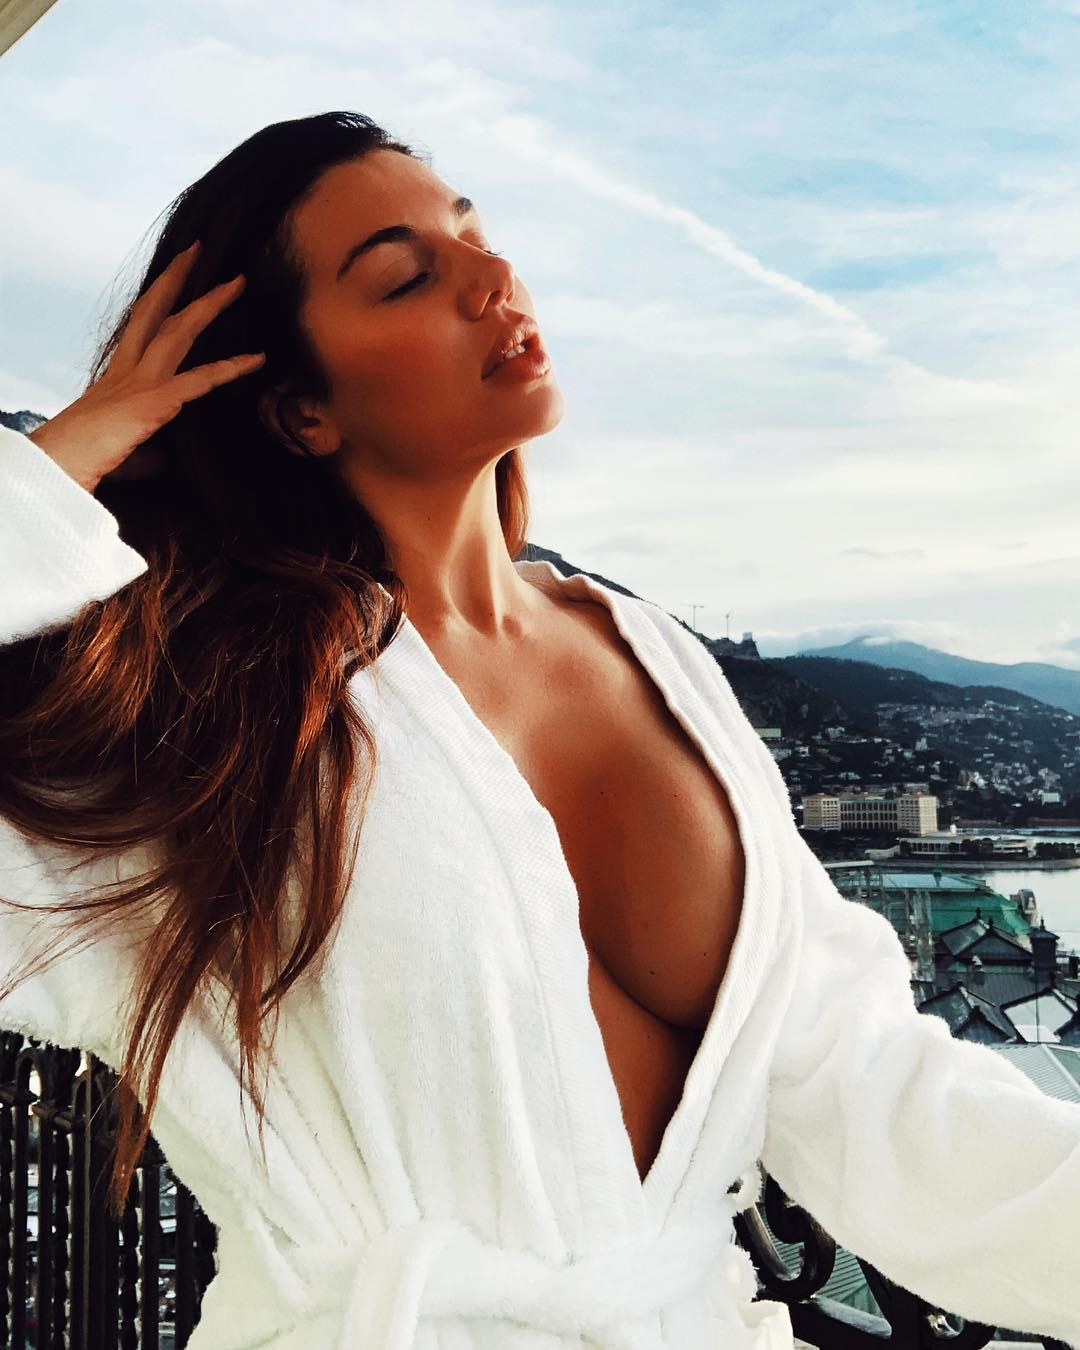 Анна Седокова горячие фото